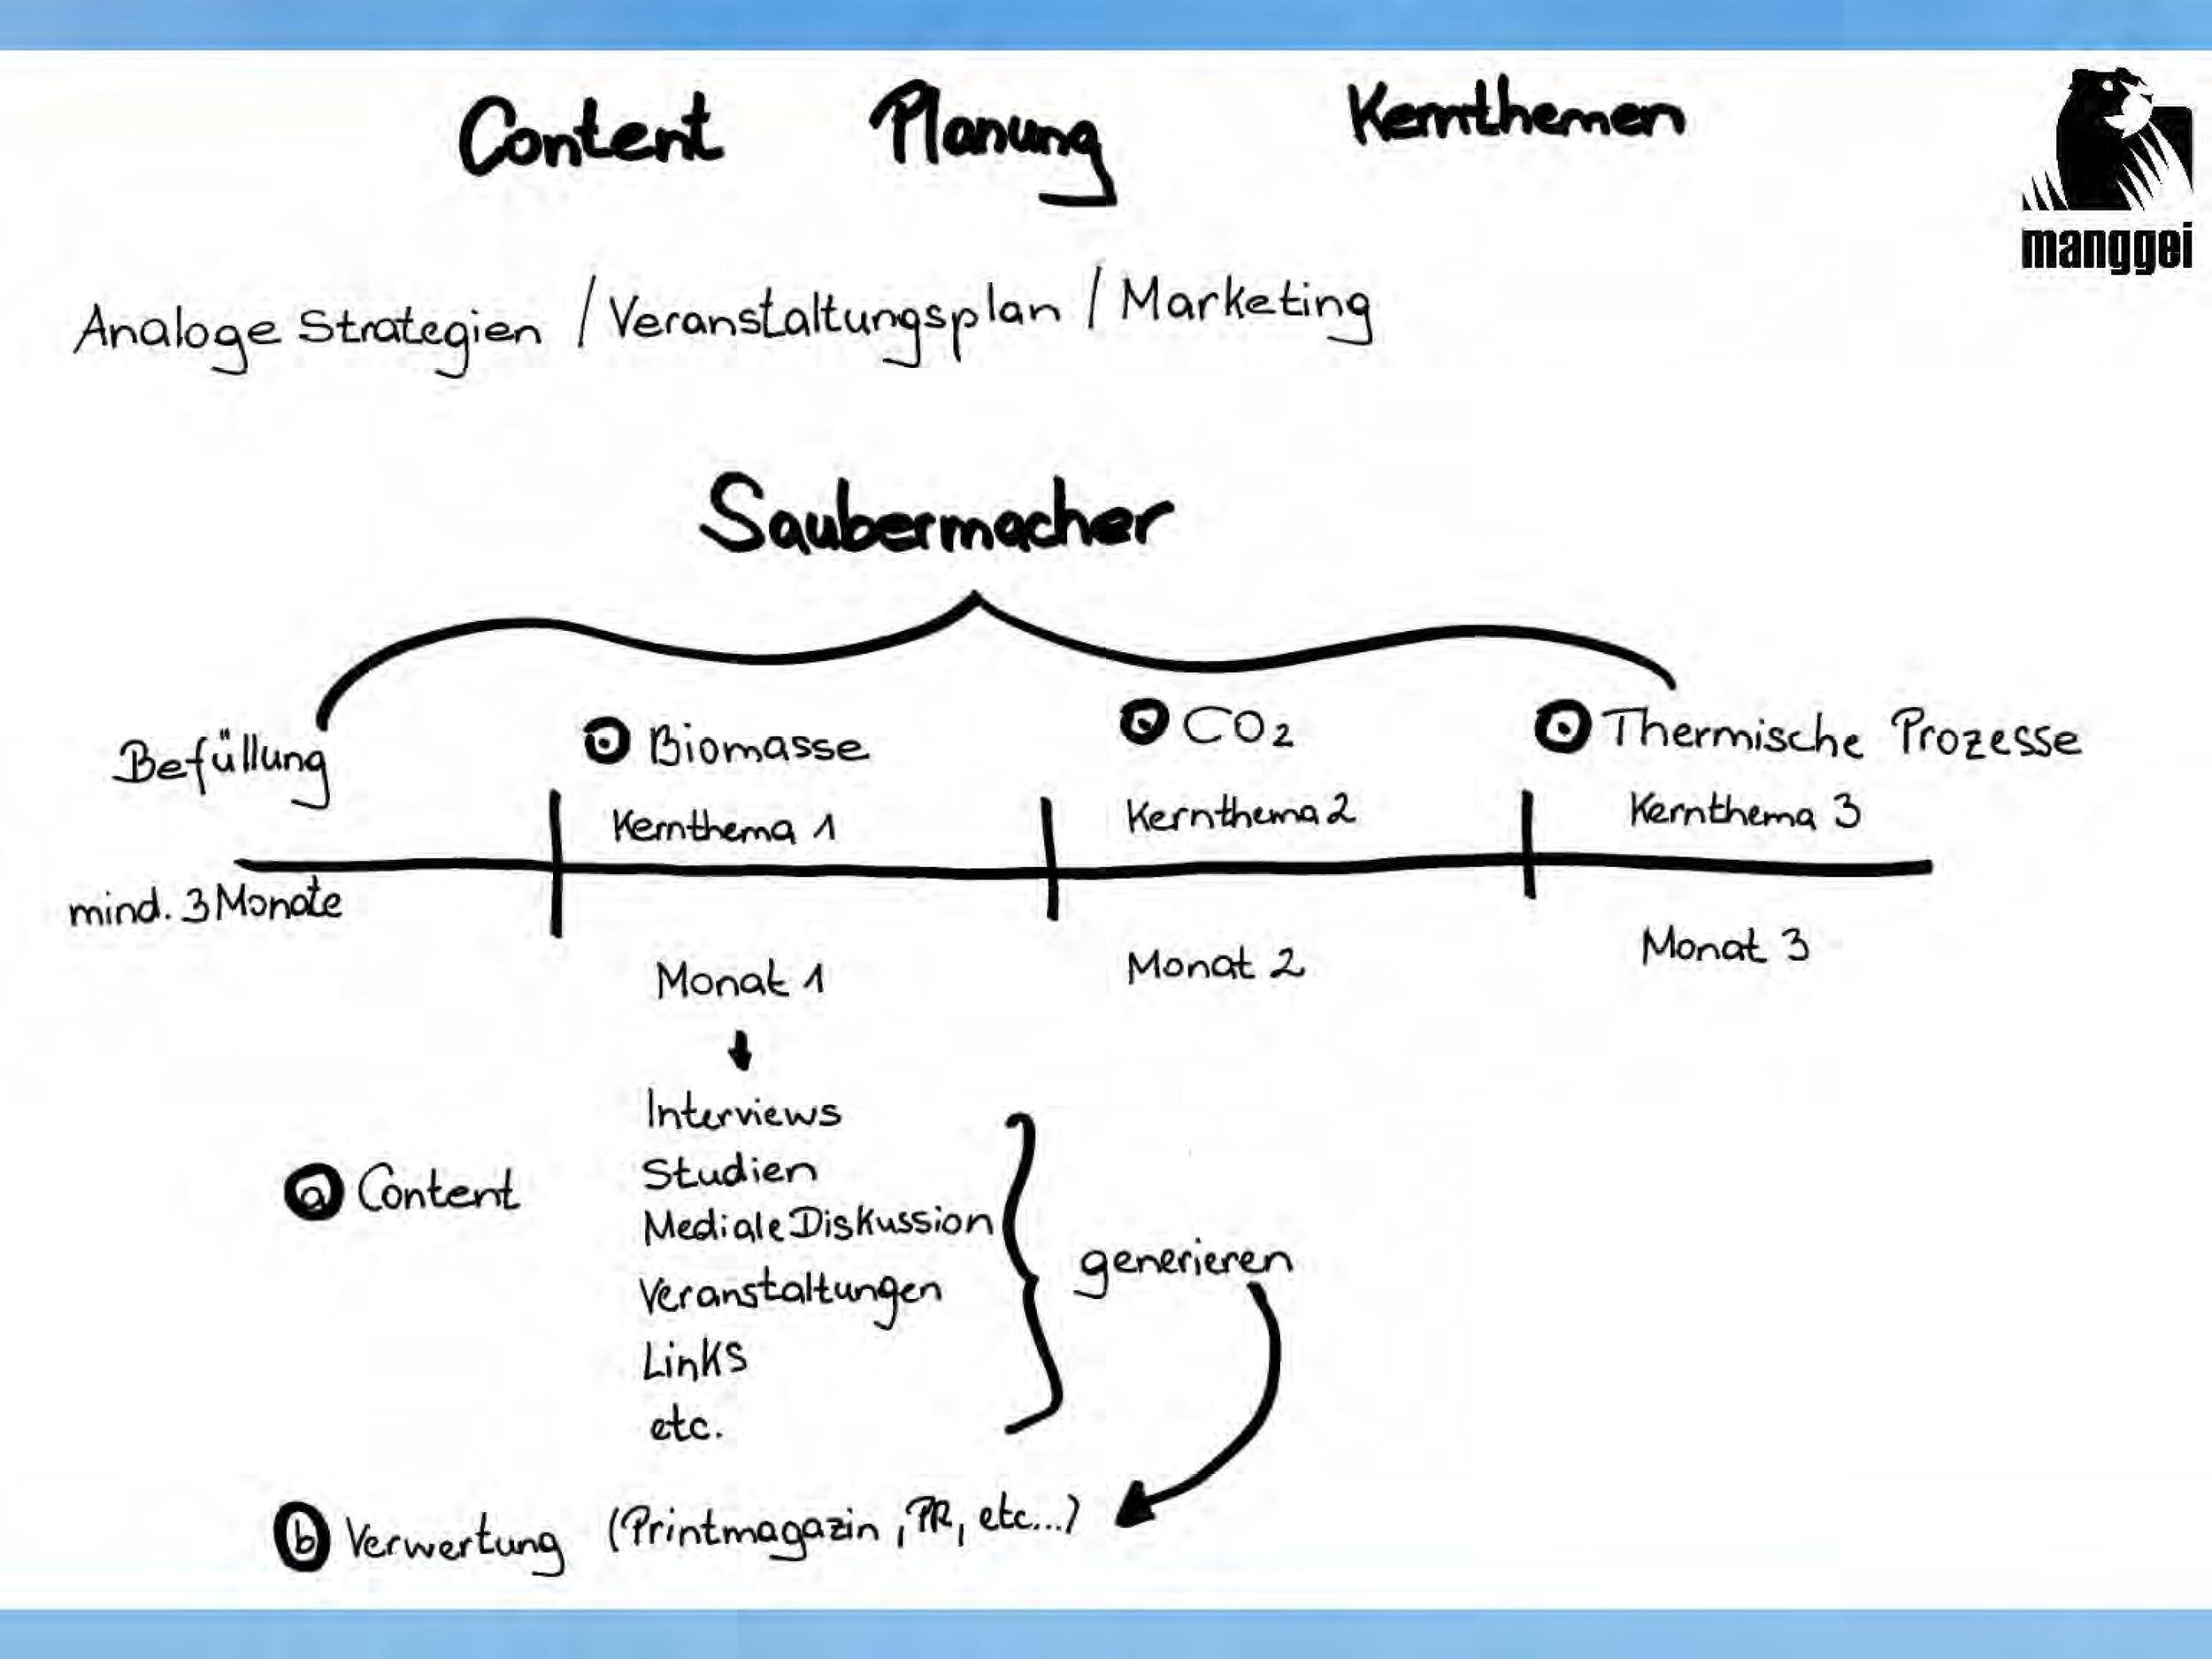 Konzept-Saubermacher_slides-4.jpg